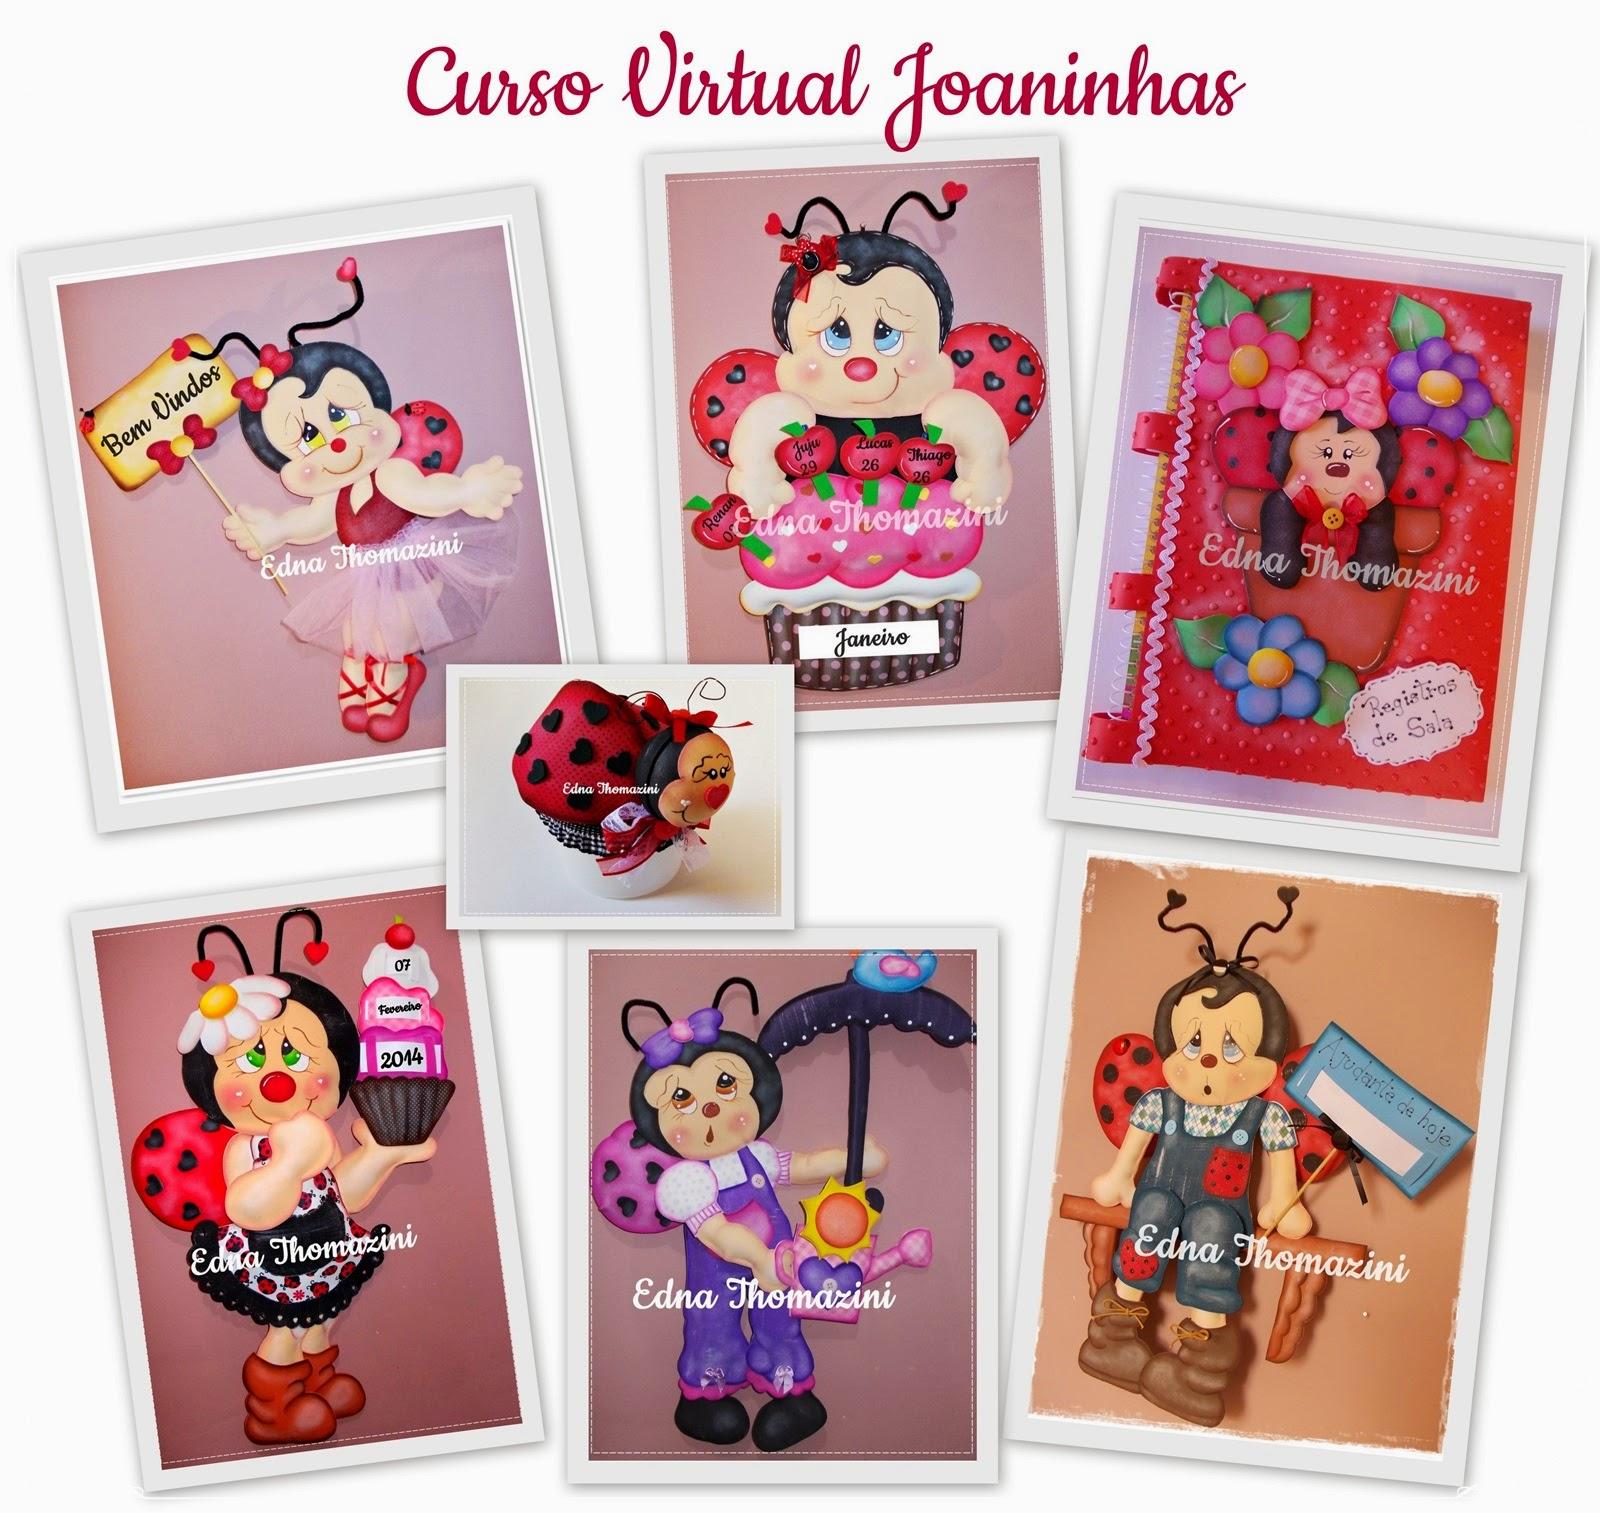 Curso Virtual Joaninhas